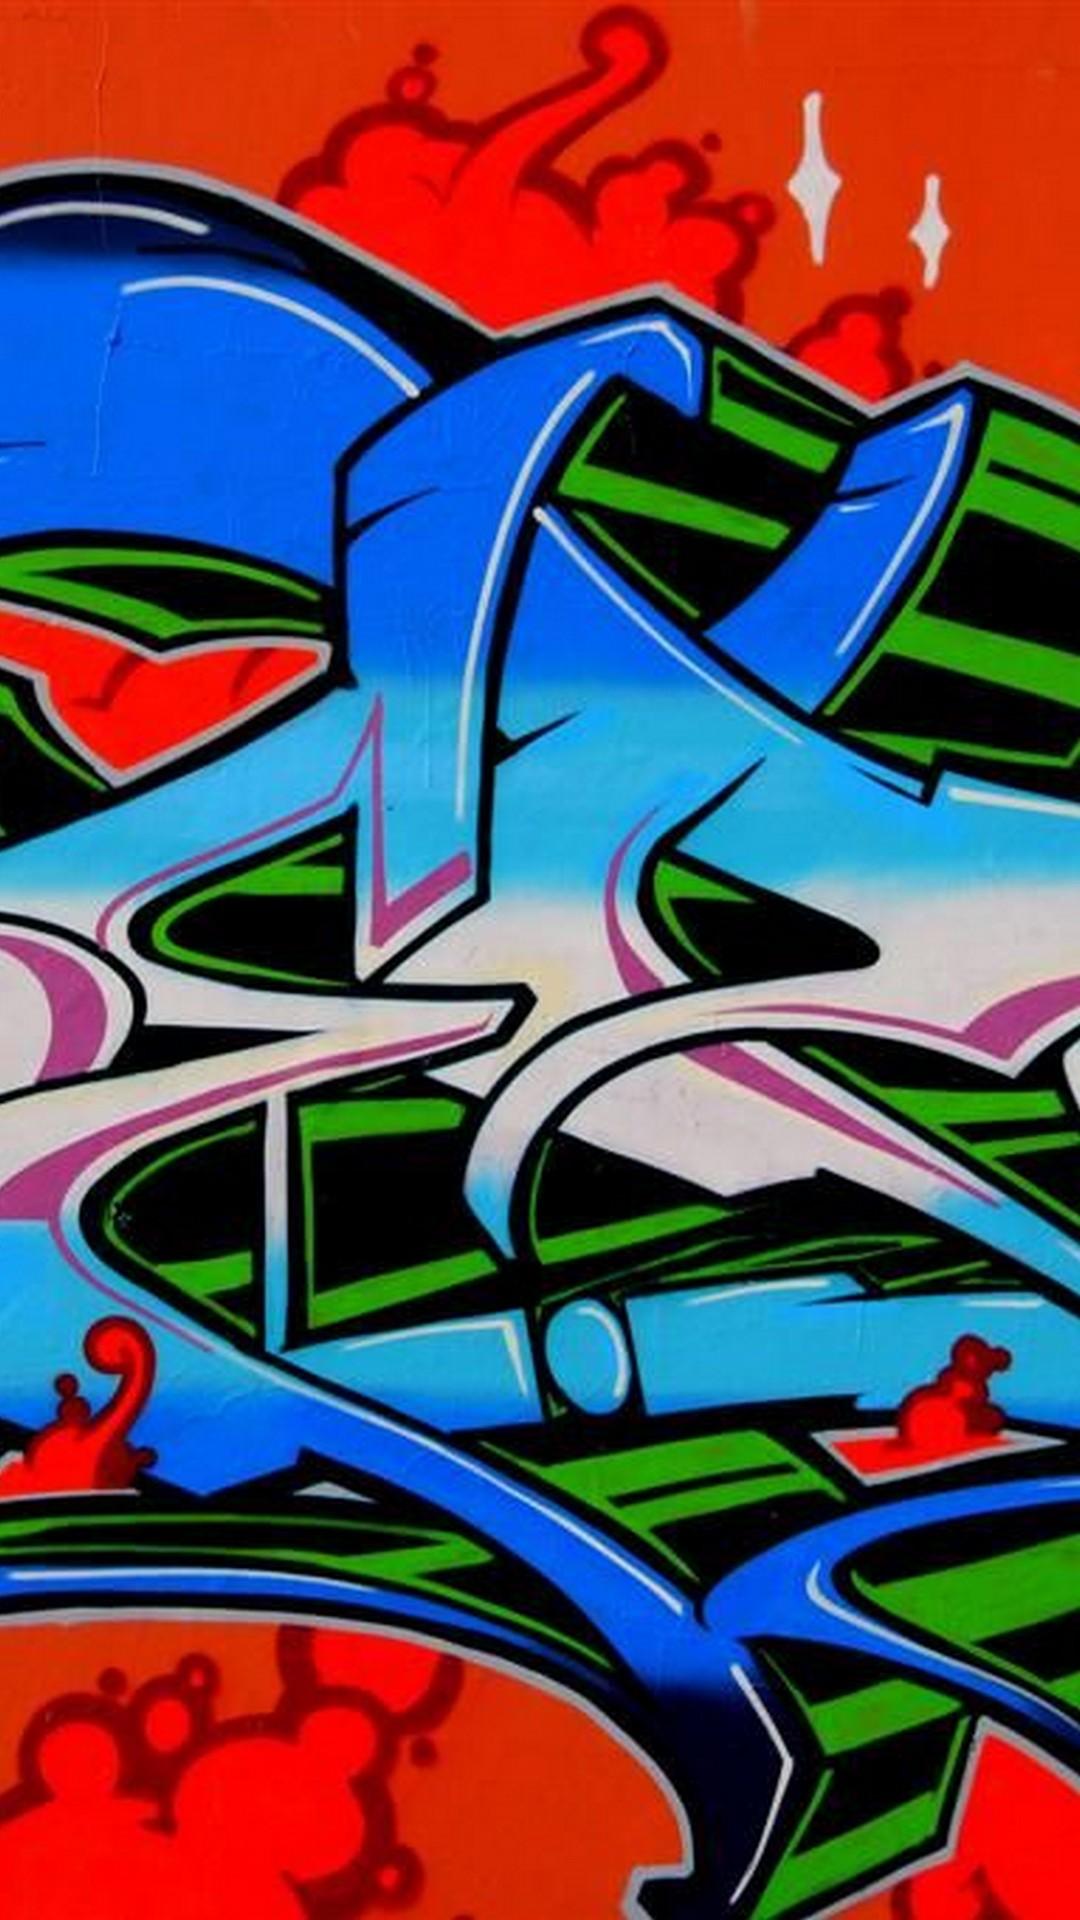 Graffiti Silver Letters